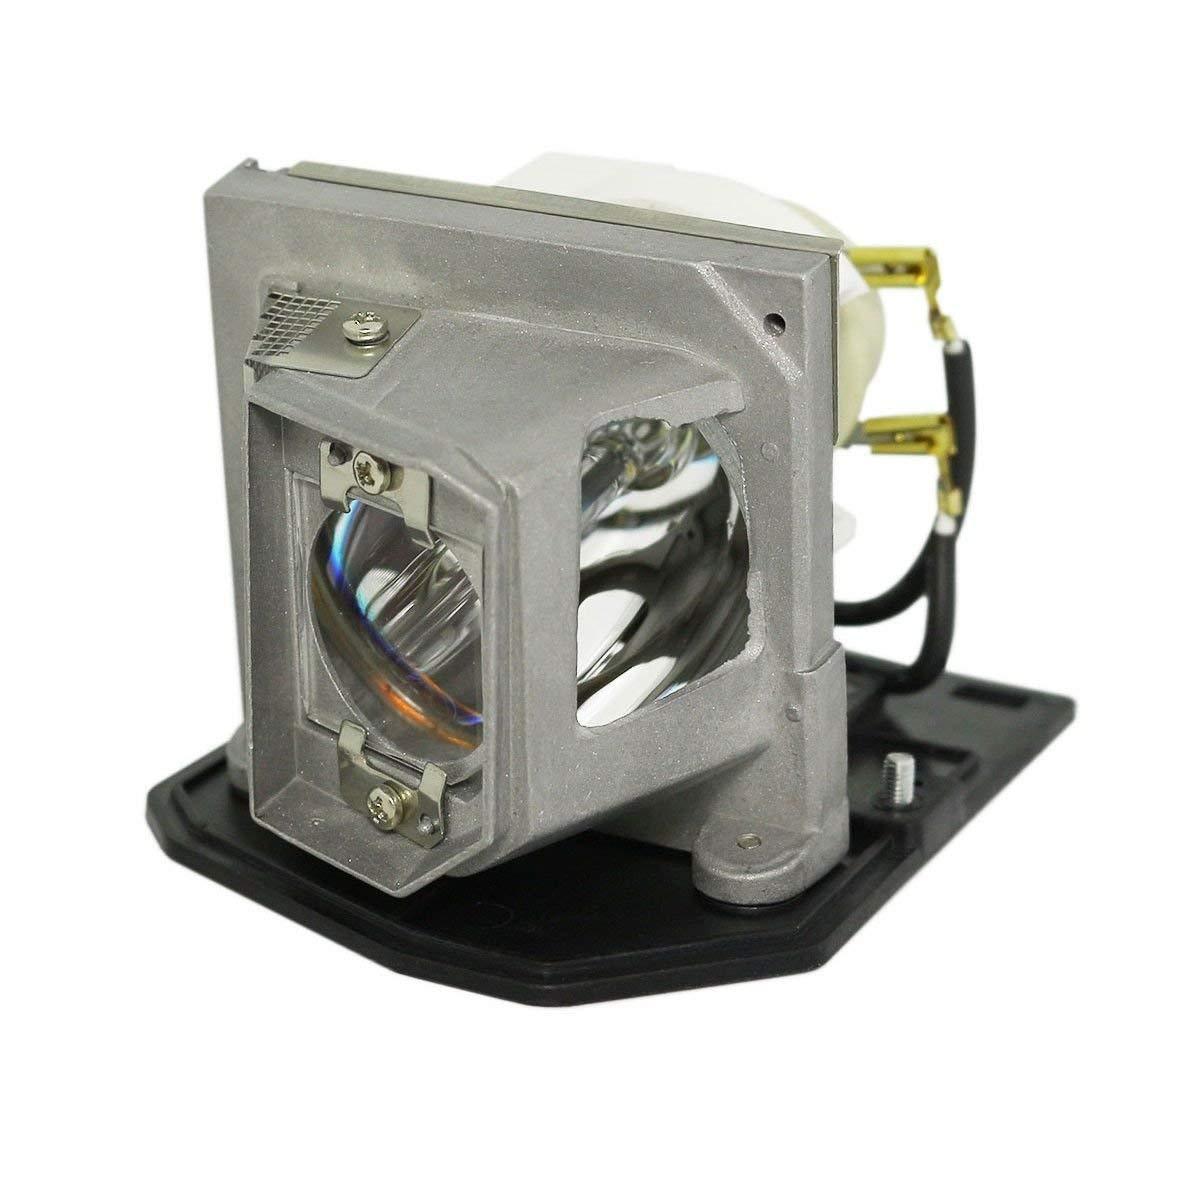 EMP-1700 PowerLite 1700c Supermait EP38 L/ámpara de repuesto para proyector con carcasa EX100 adecuada para EMP-1715 EMP-1717 EMP-1710 EMP-1707 EMP-1705 compatible con Elplp38